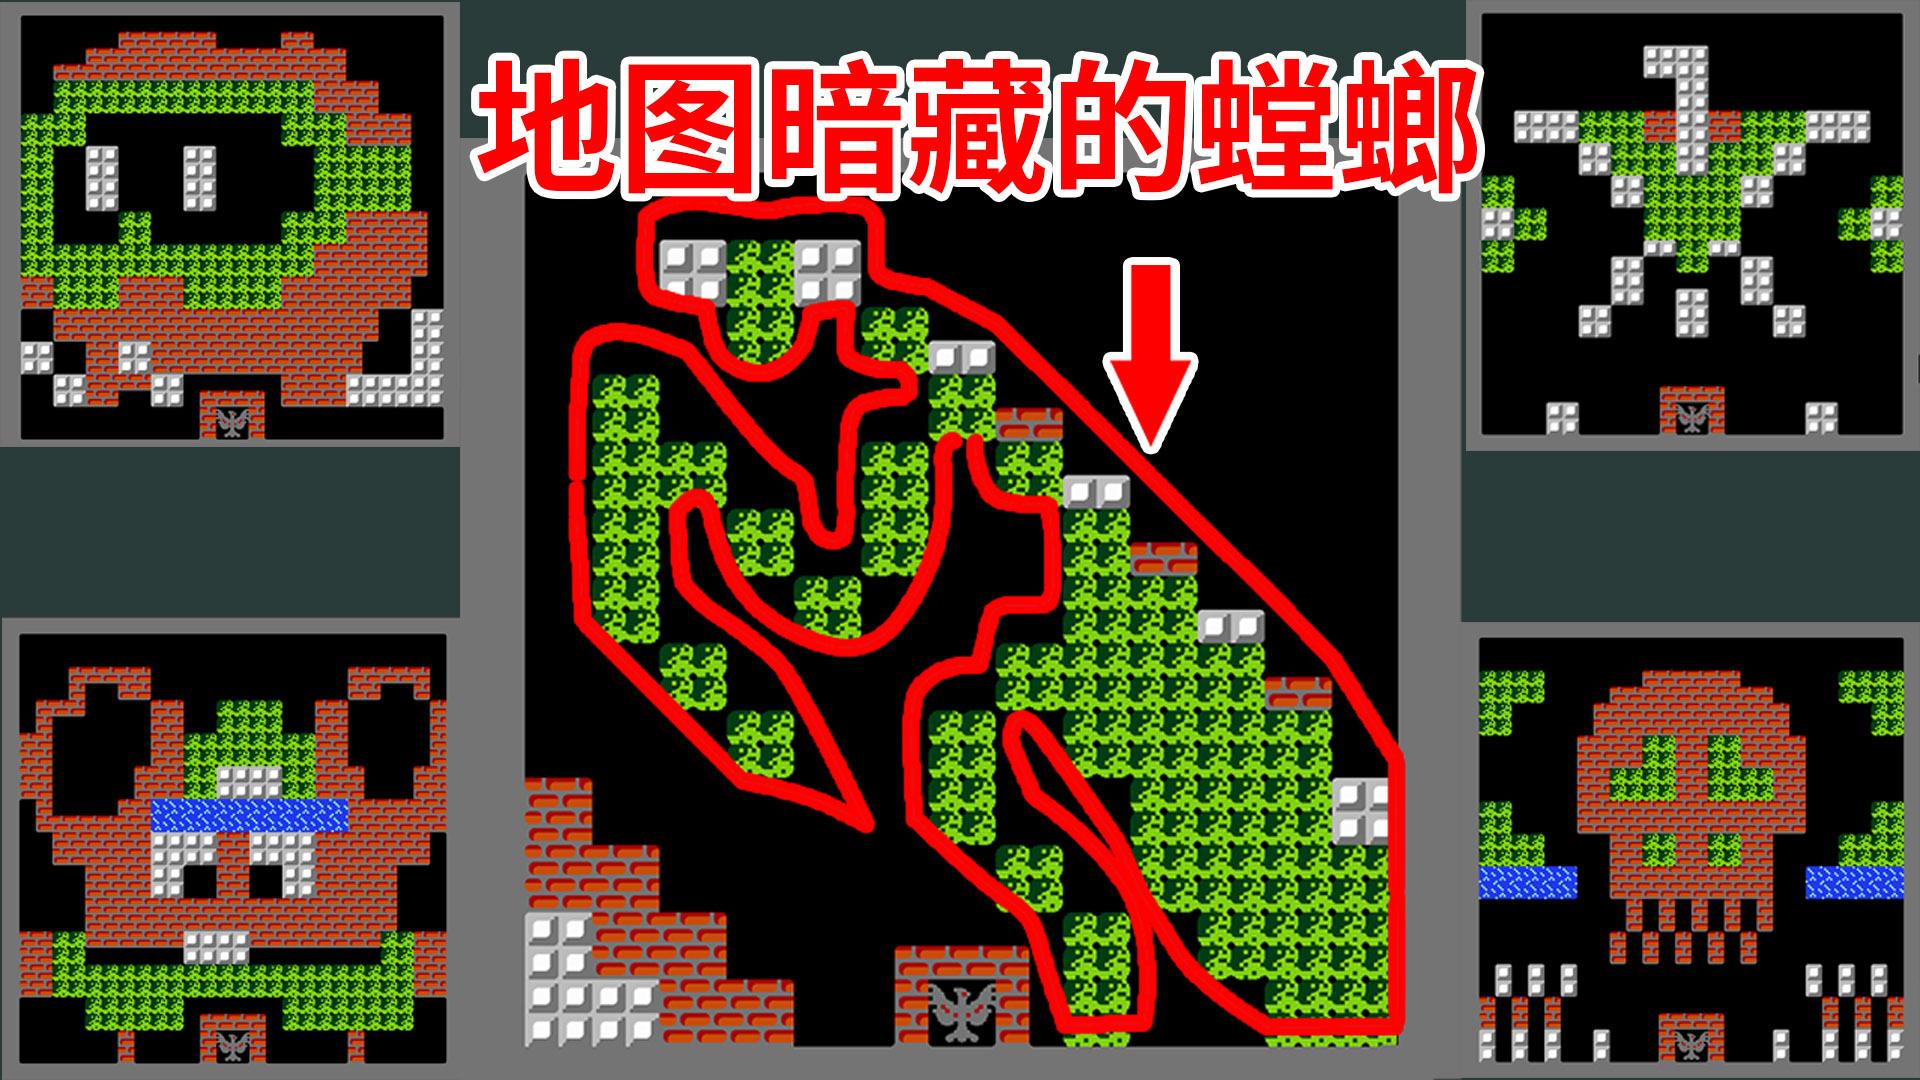 盘点《坦克大战》地图彩蛋,当年你都看出来了吗?